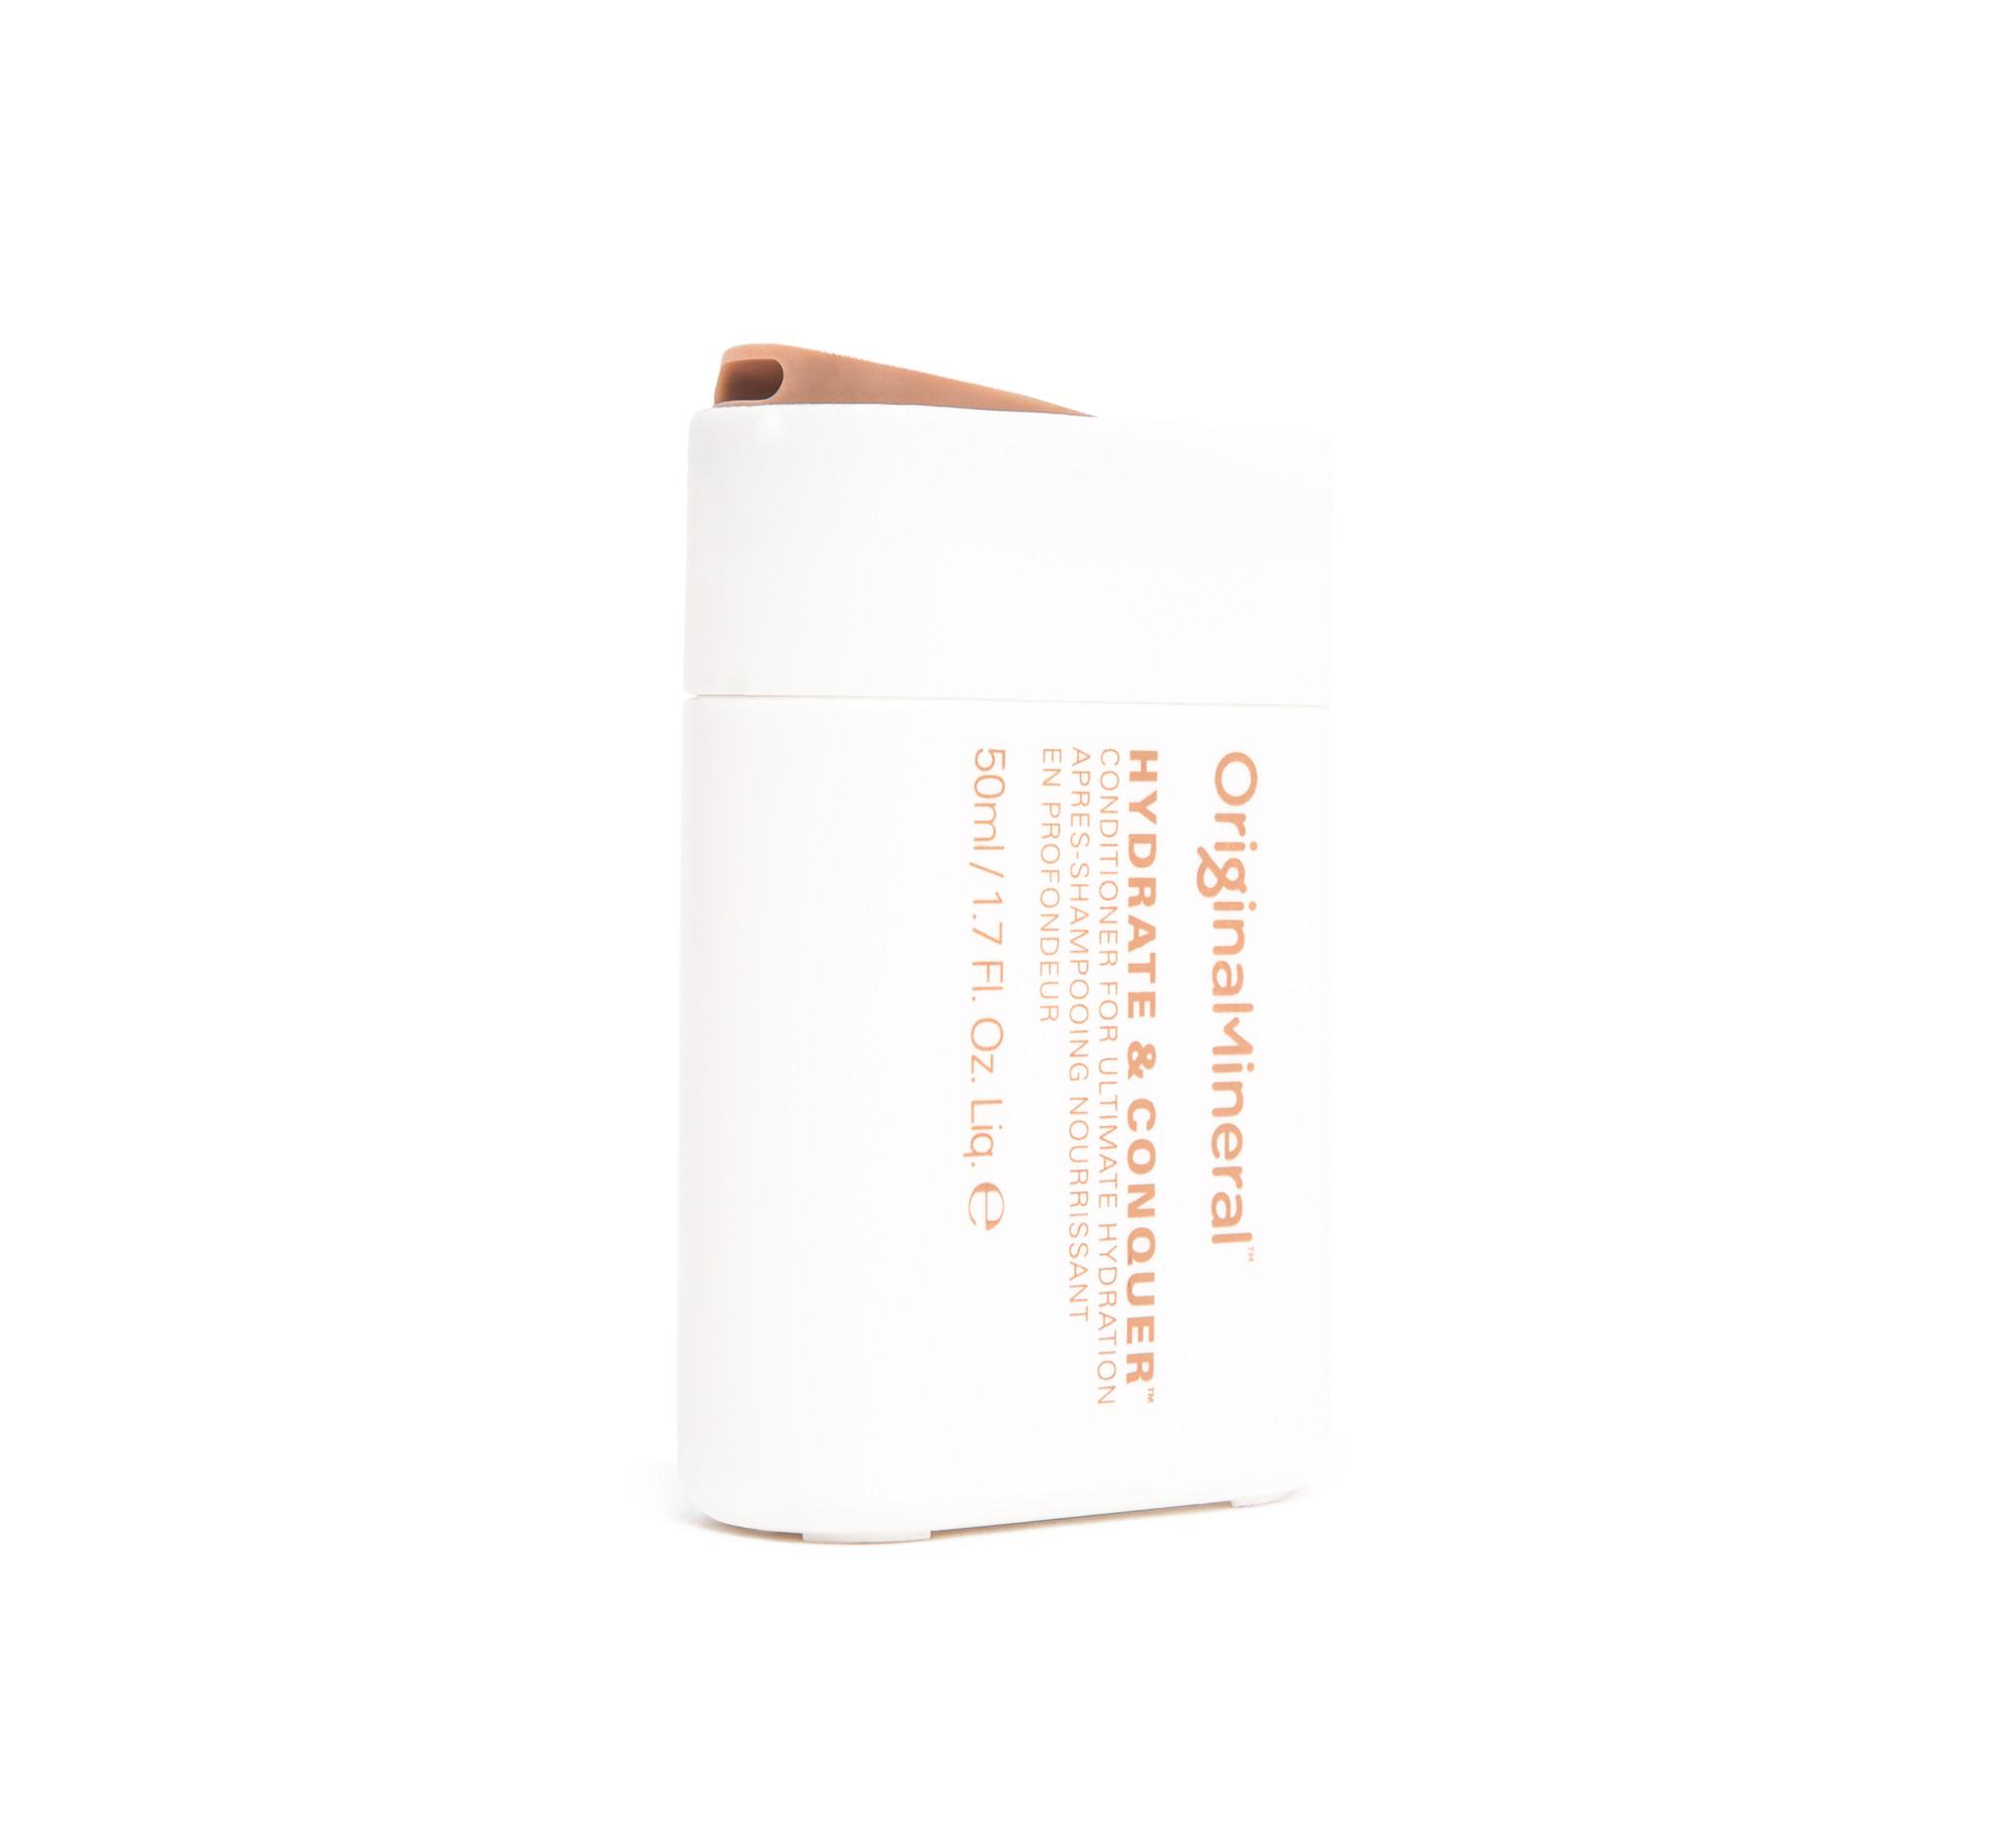 O&M - Original Mineral O&M Maintain The Main - Le Revitalisant Quotidien d'entretien - 50ml